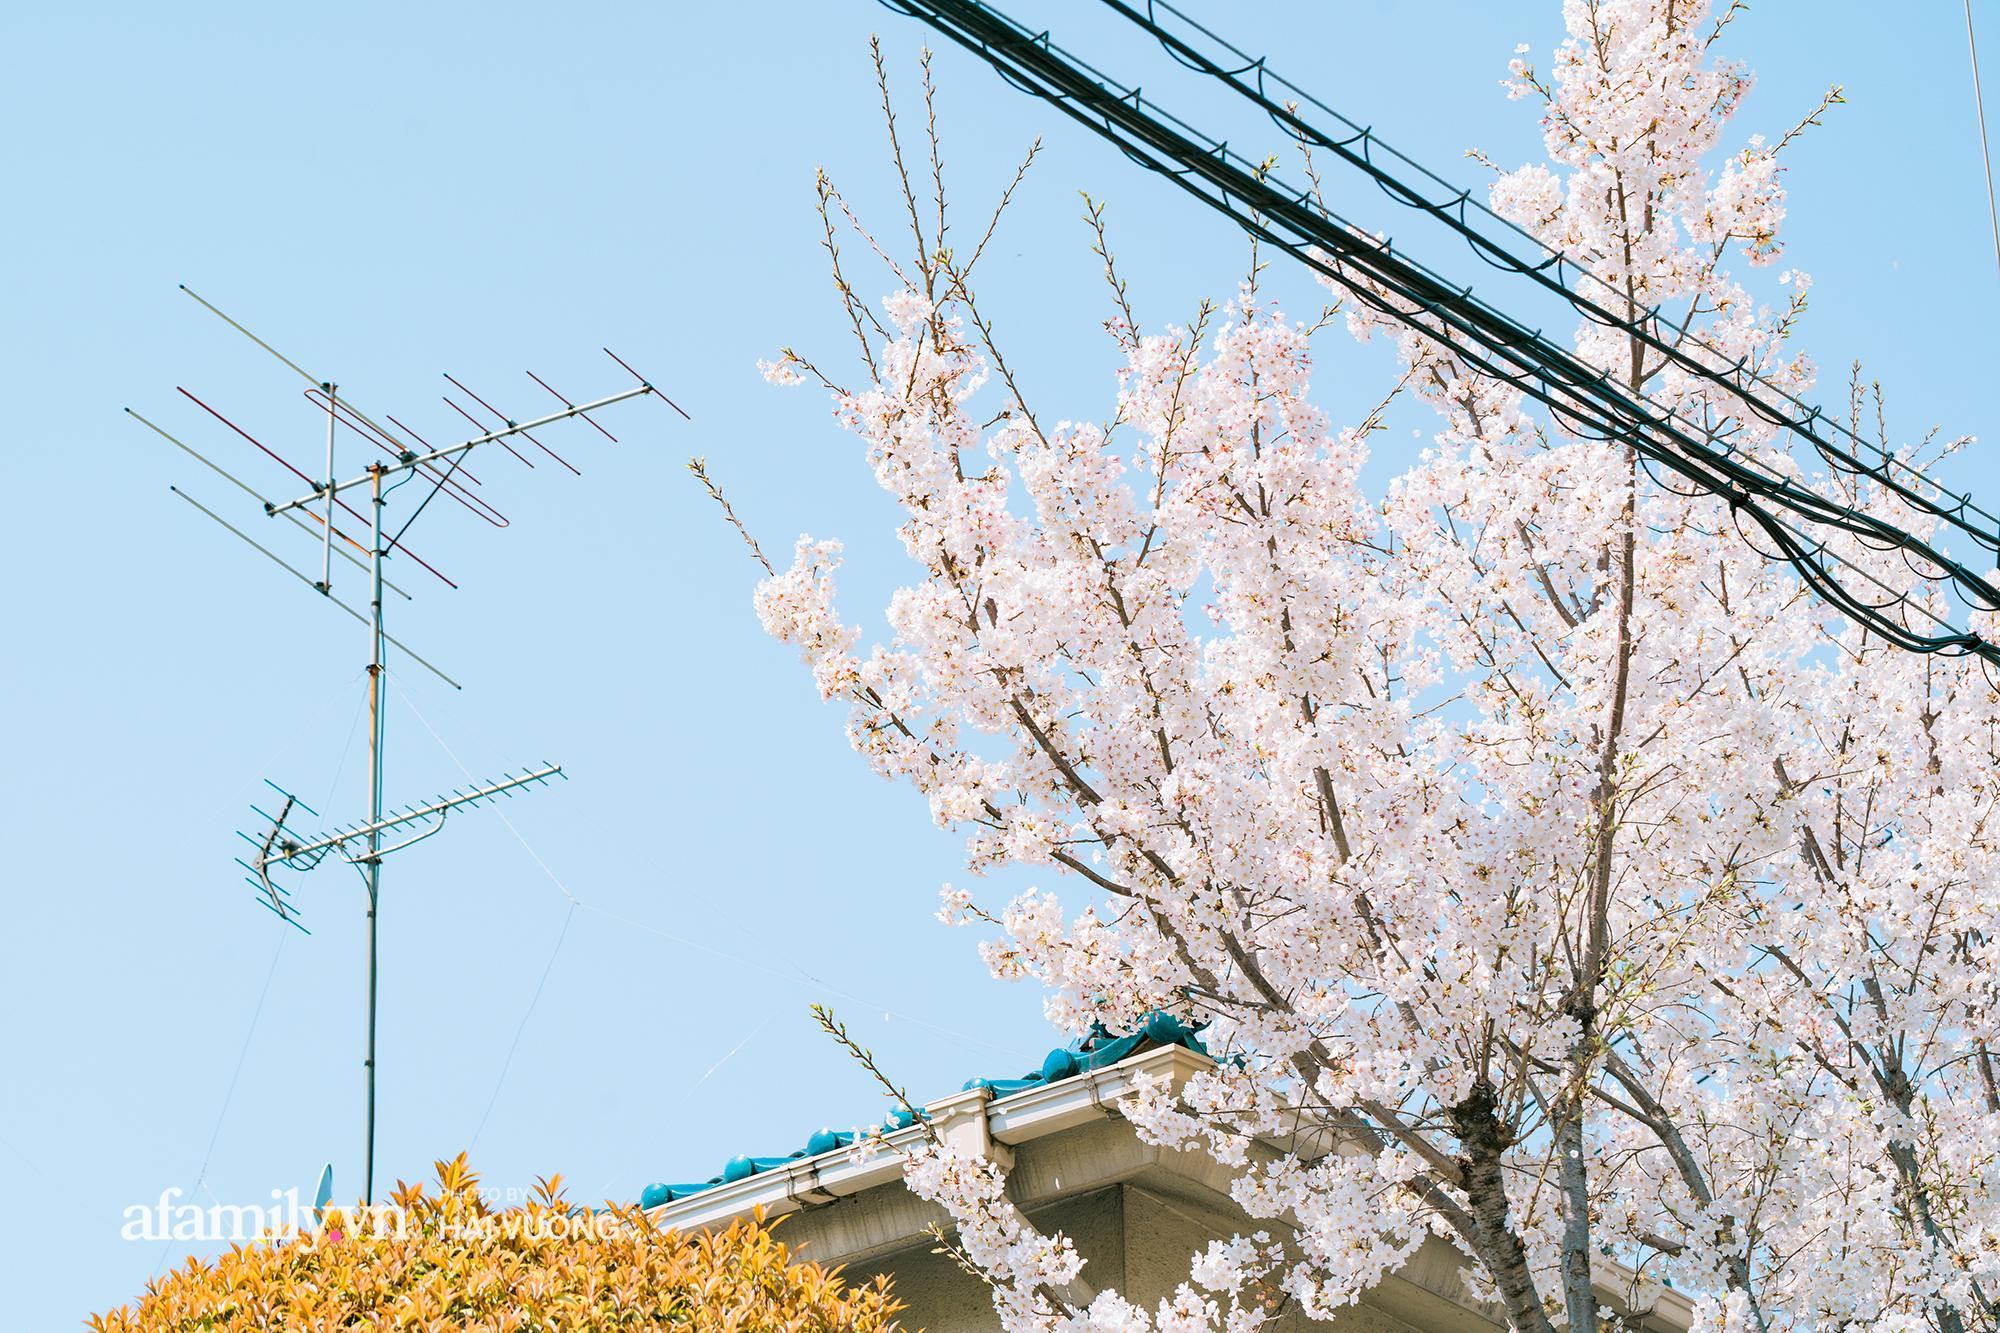 Đẹp ngây ngất cảnh tượng toàn bộ thủ đô Tokyo được bảo trùm trong sắc hoa anh đào nở sớm nhất trong 1.200 năm - Ảnh 9.